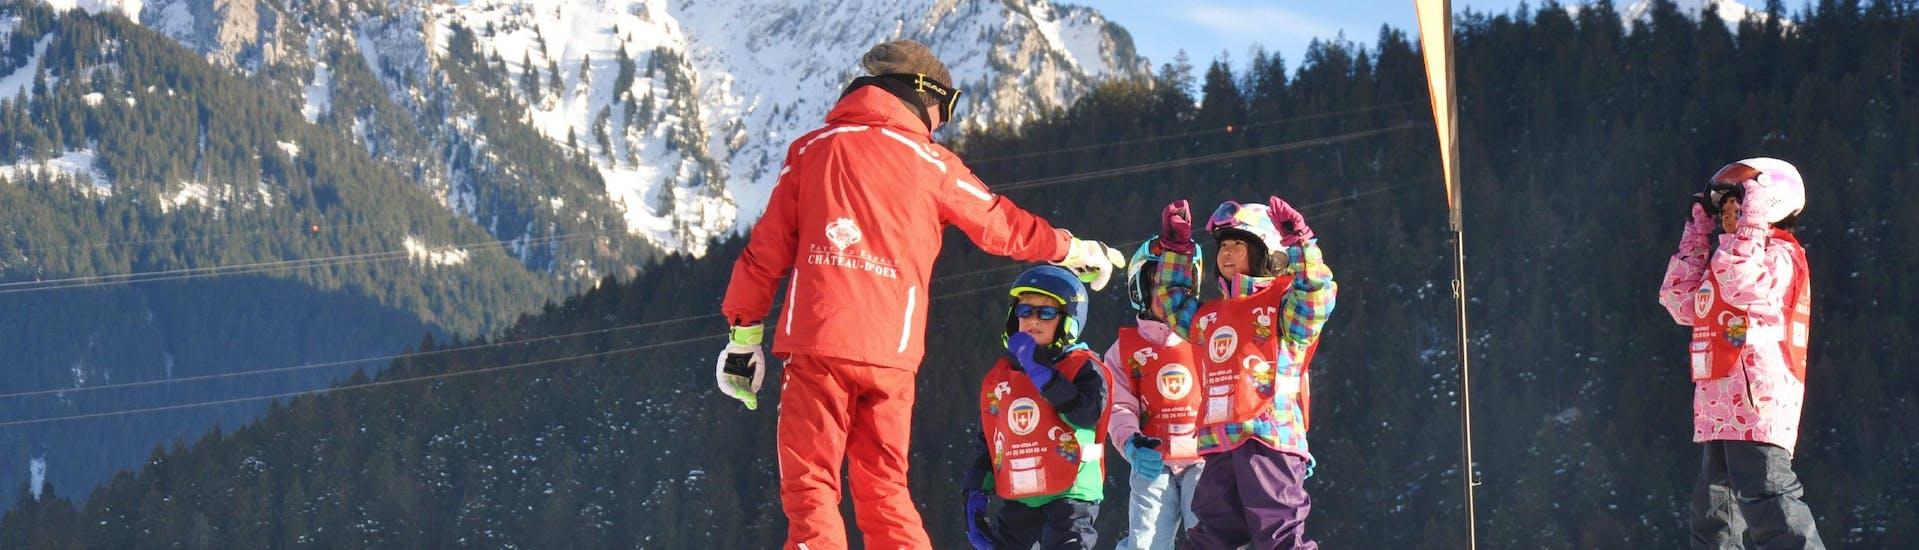 Les enfants suivent les instructions de leur moniteur de ski pendant leur Cours de ski Enfants (dès 4 ans) pour Débutants avec l'école de ski ESS Château d'Oex.